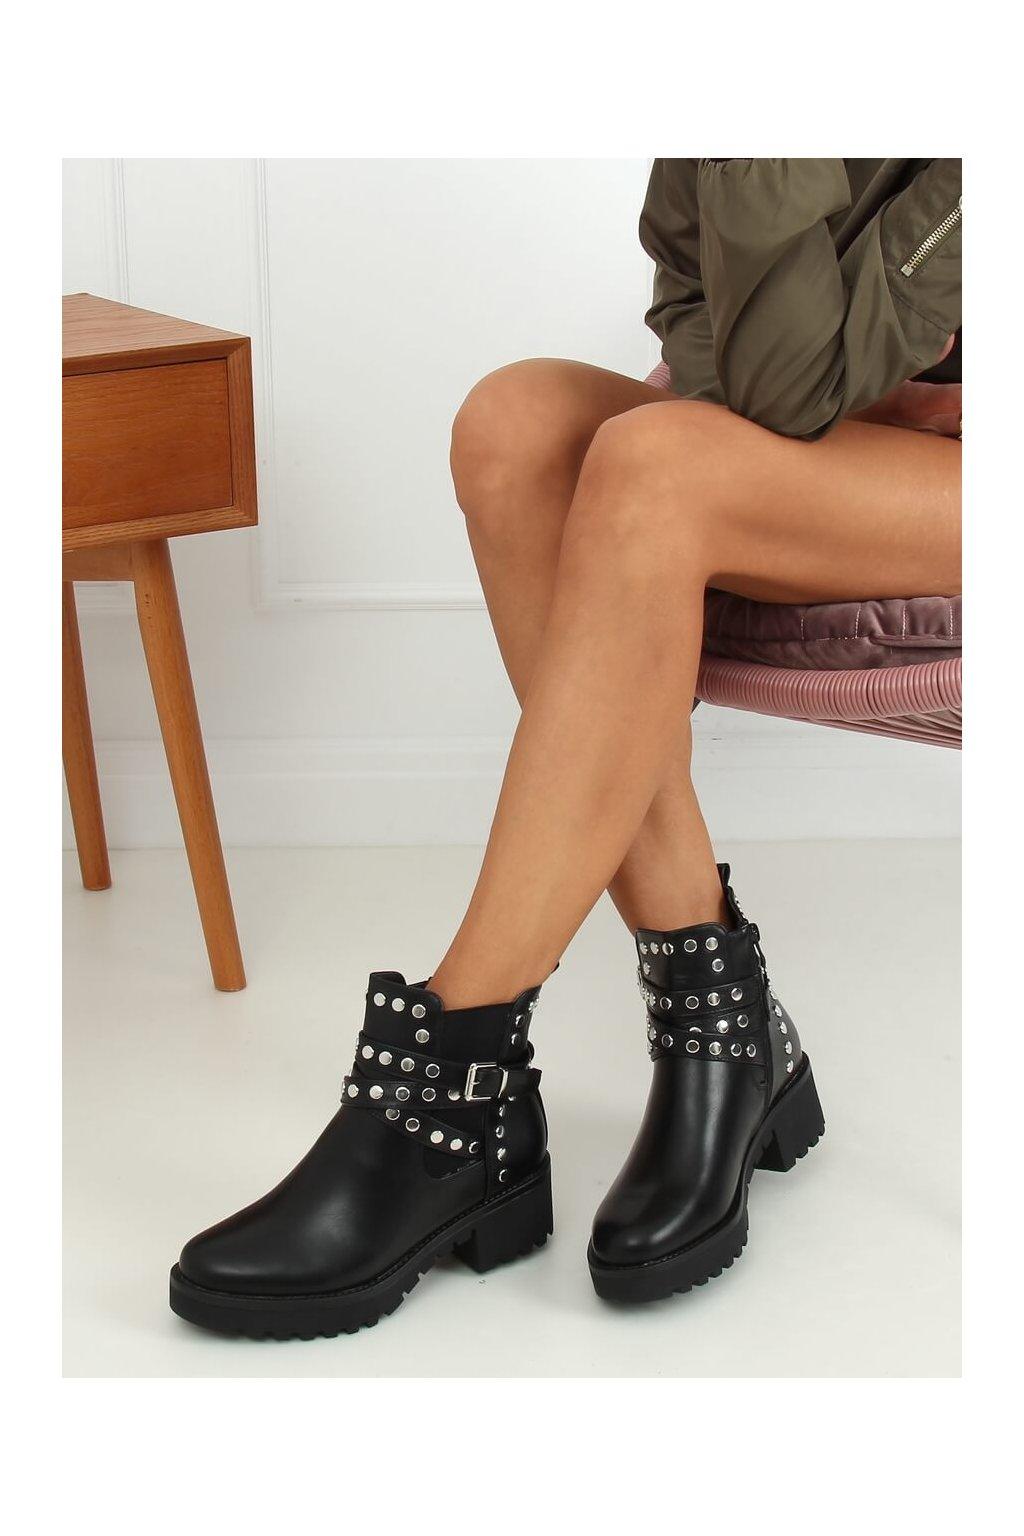 Dámske členkové topánky čierne na širokom podpätku NC1081